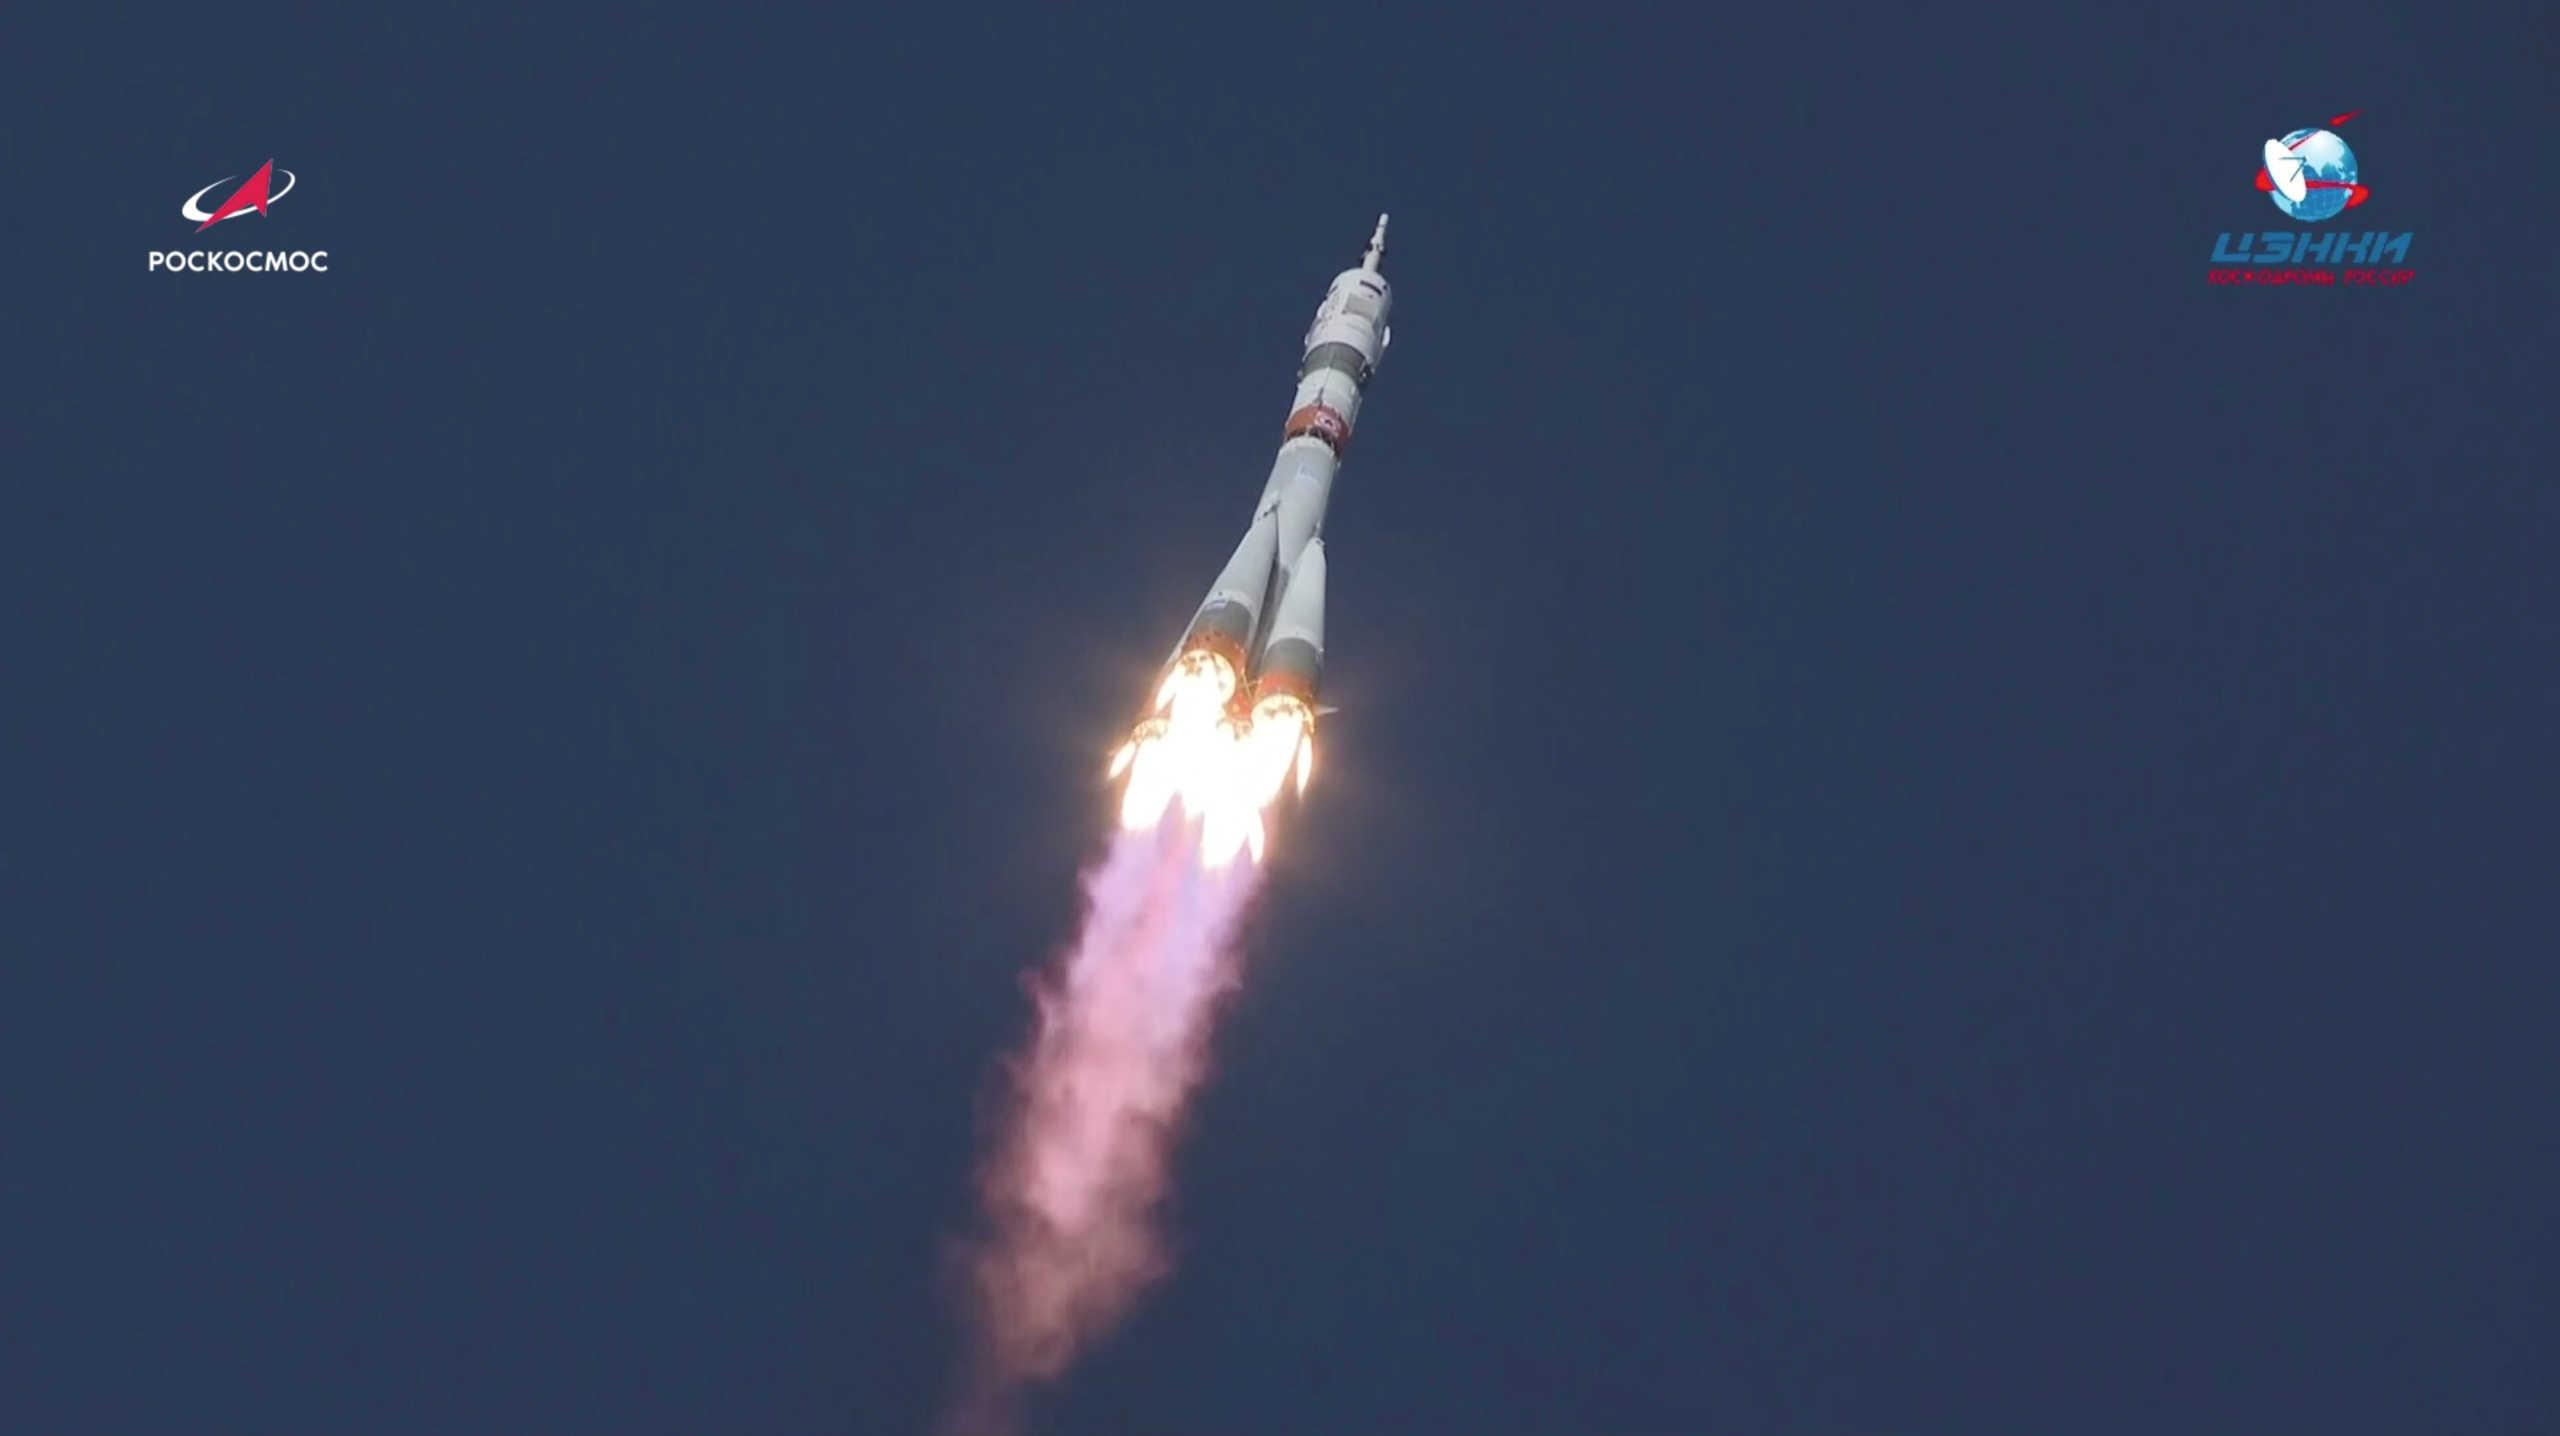 Στον Διεθνή Διαστημικό Σταθμό ο πύραυλος Σογιούζ με 2 Ρώσους και μια Αμερικανίδα (pics, video)